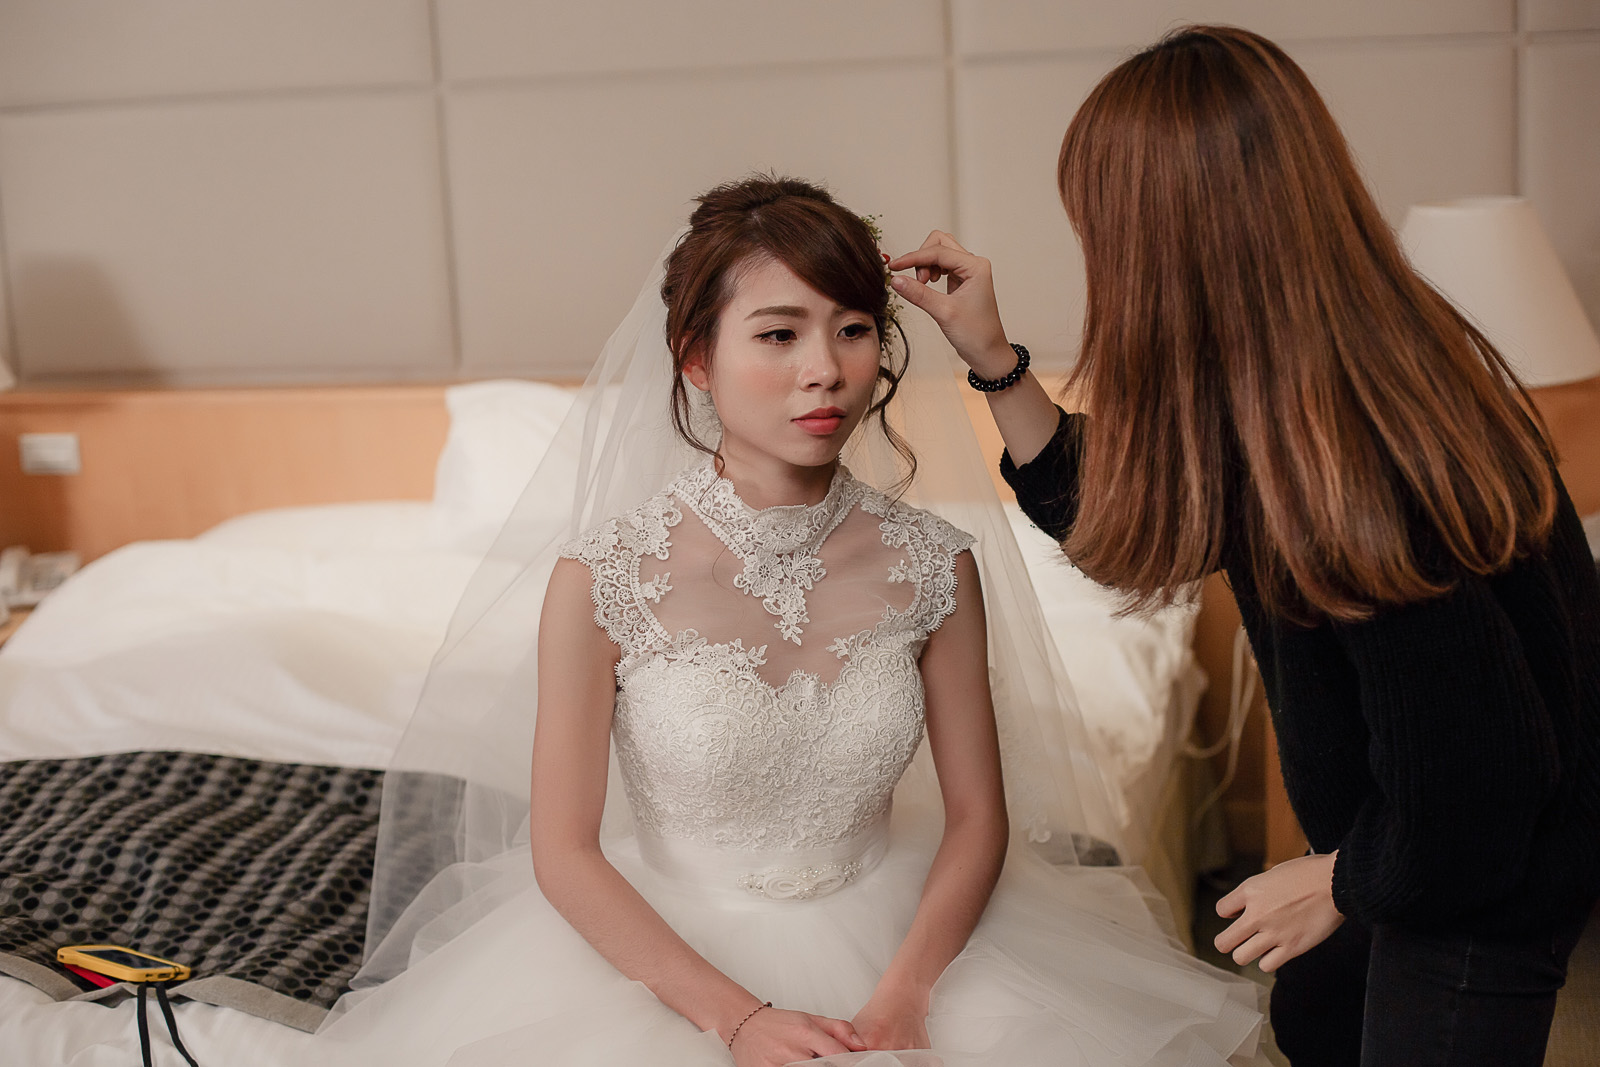 高雄圓山飯店,婚禮攝影,婚攝,高雄婚攝,優質婚攝推薦,Jen&Ethan-127